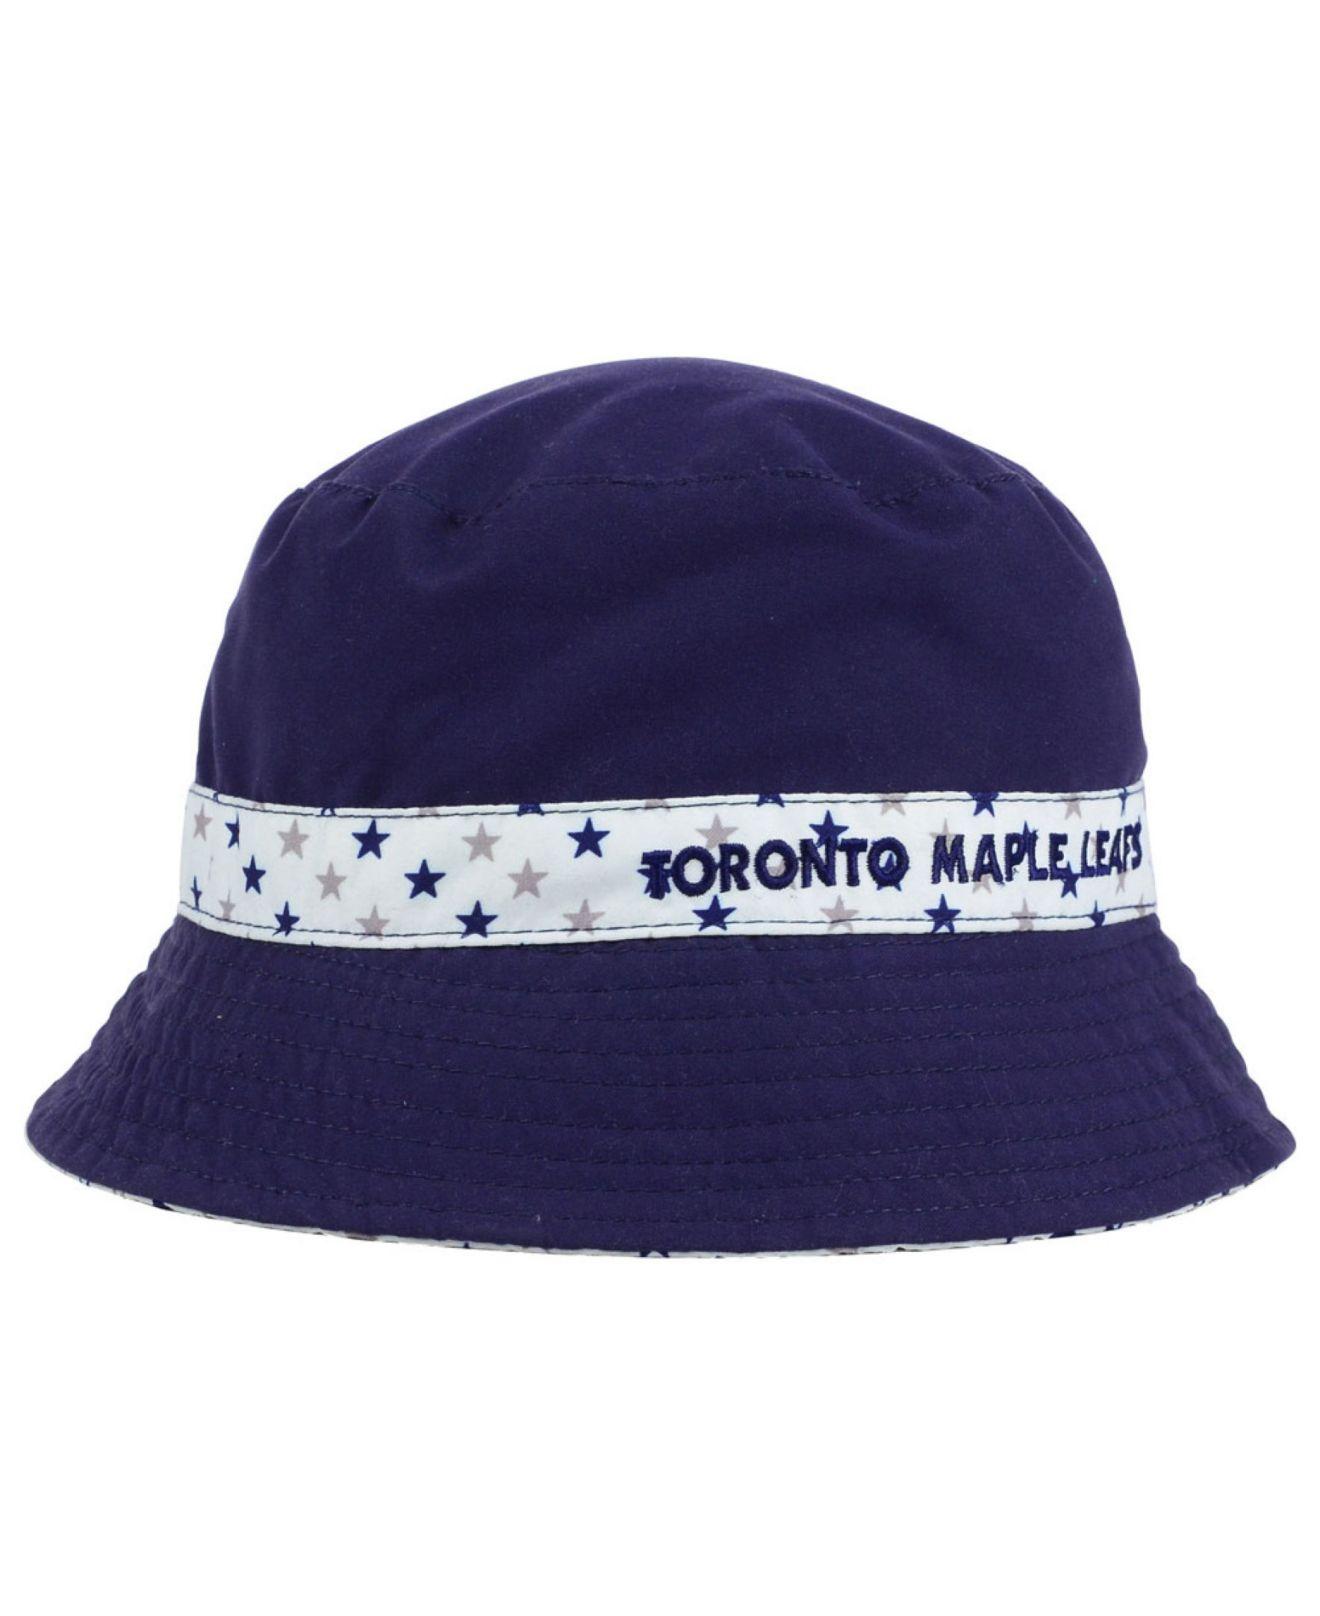 92a5d5c625b2a Lyst - KTZ Kids  Toronto Maple Leafs Reversible Bucket Hat in Blue